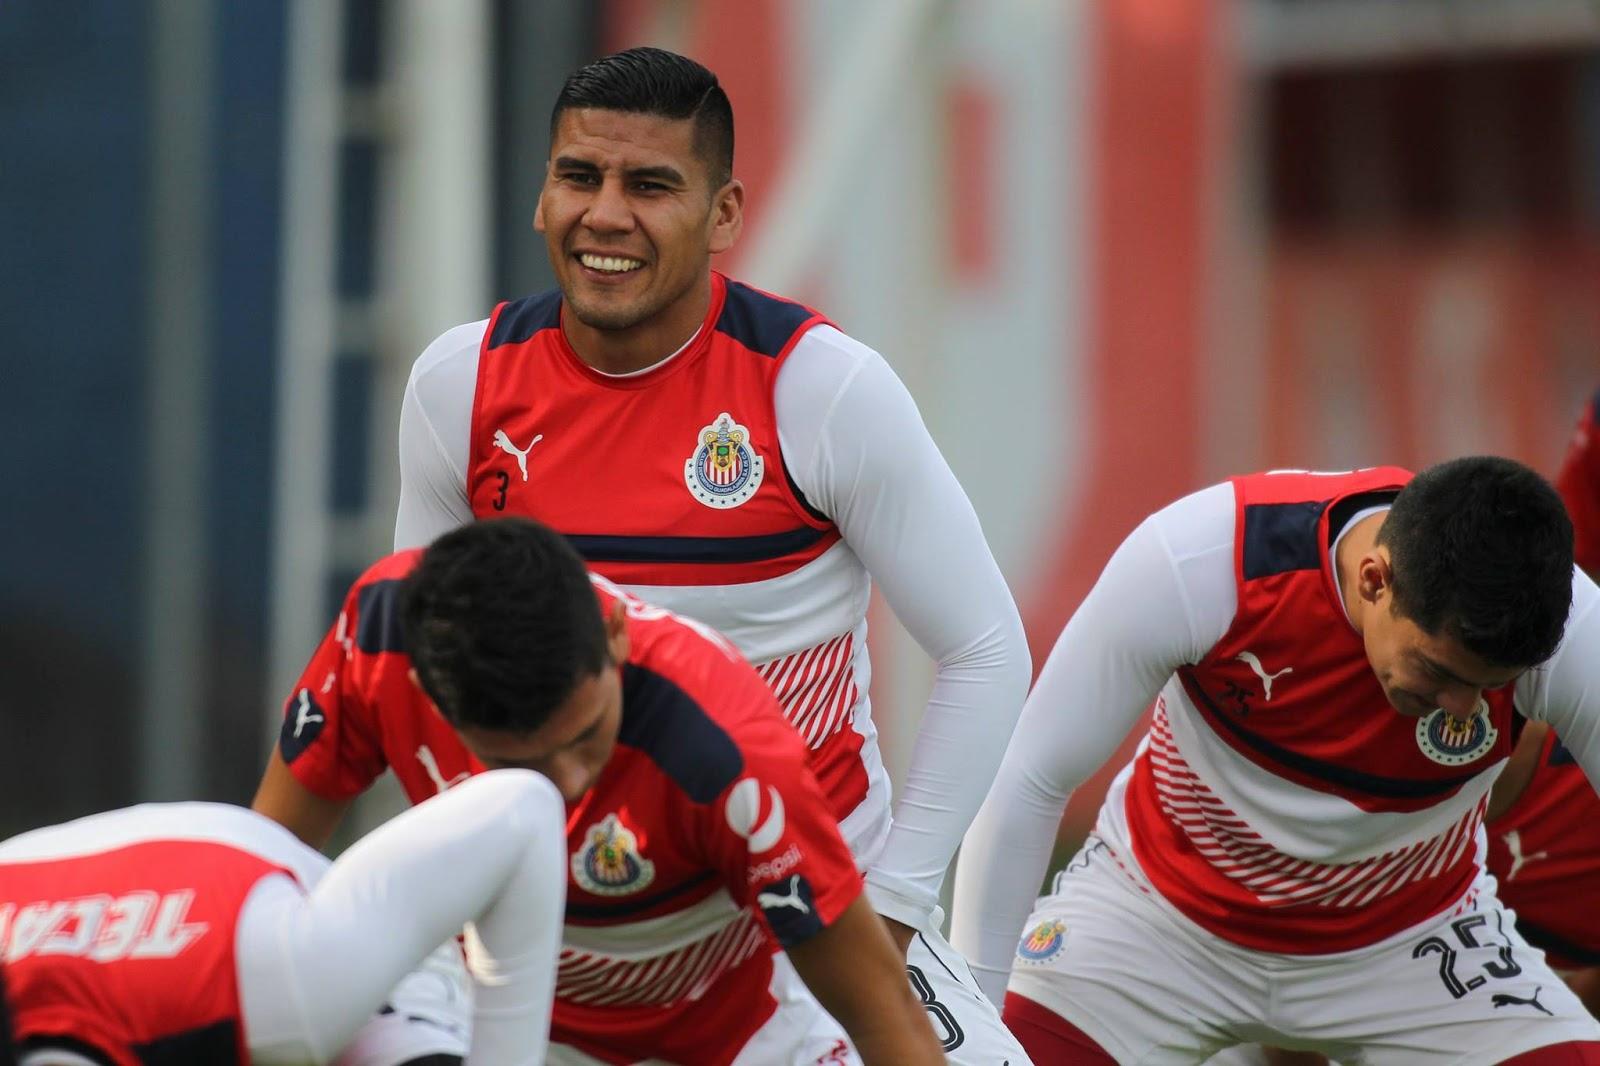 El defensa afirma que Chivas quiere volver al dinamismo que lo caracterizó al inicio del torneo.